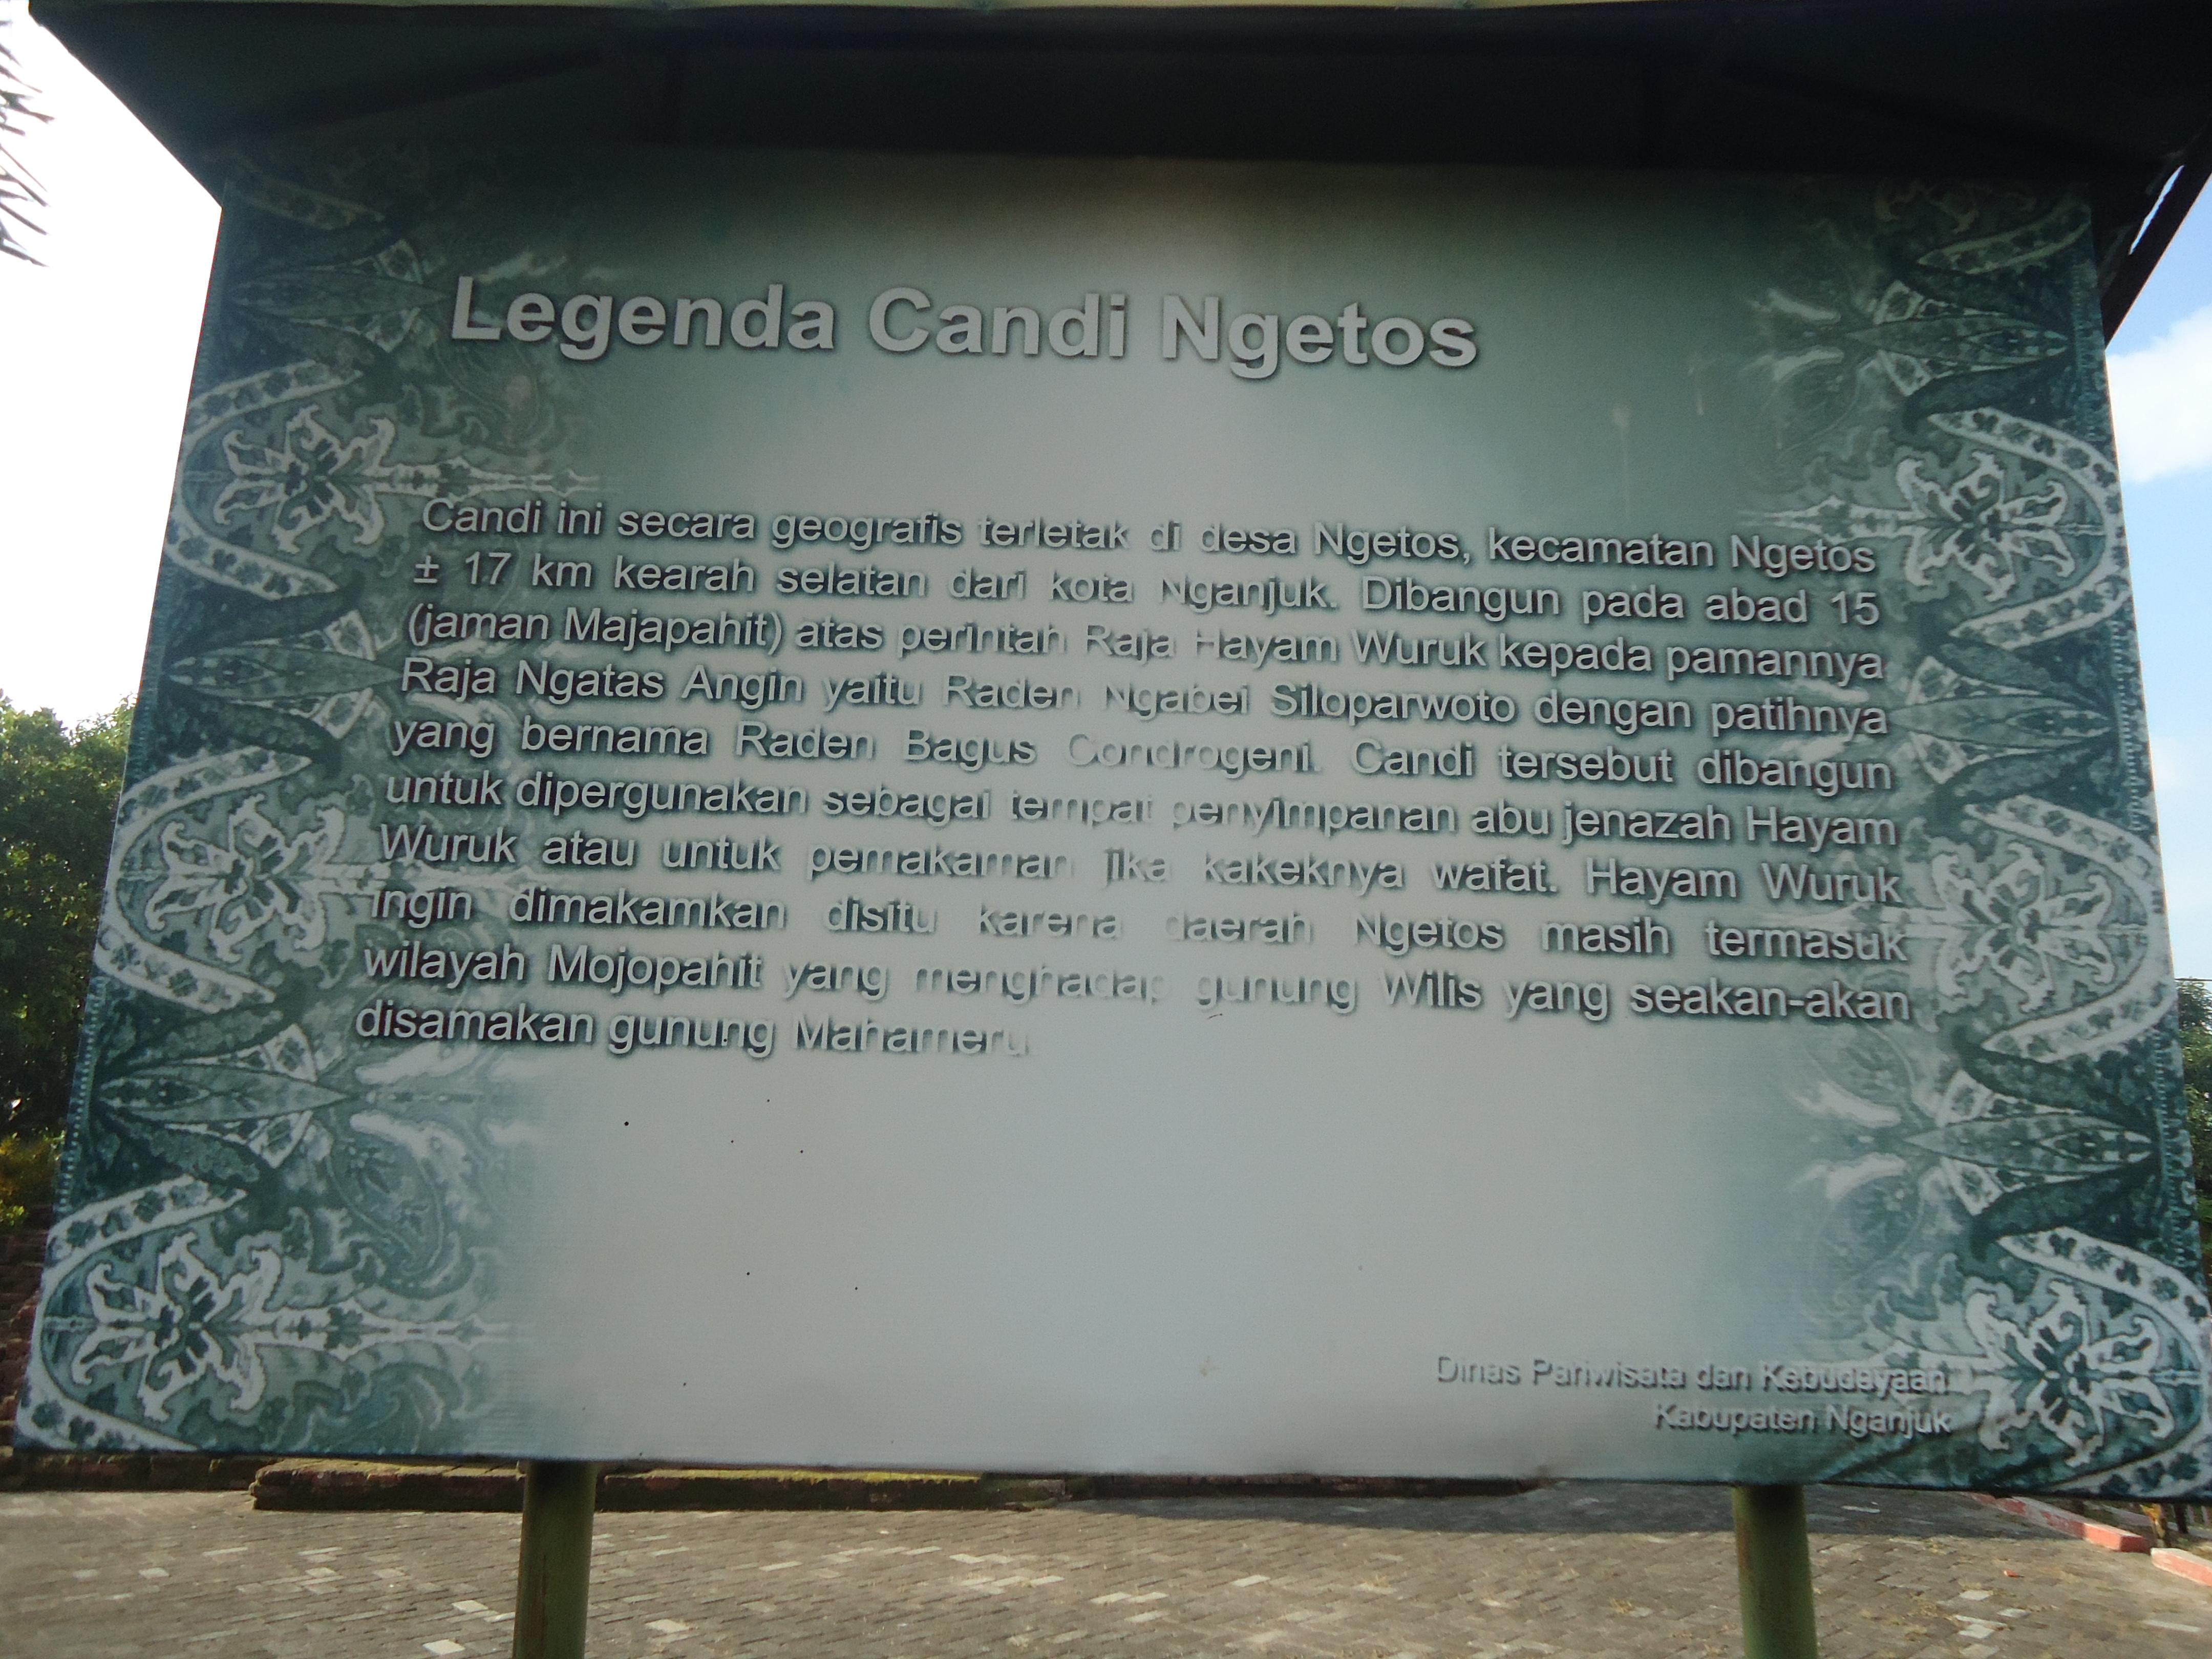 Nganjuk Kerajaan Majapahit Candi Ngetos Museum Online Papan Legenda Lor